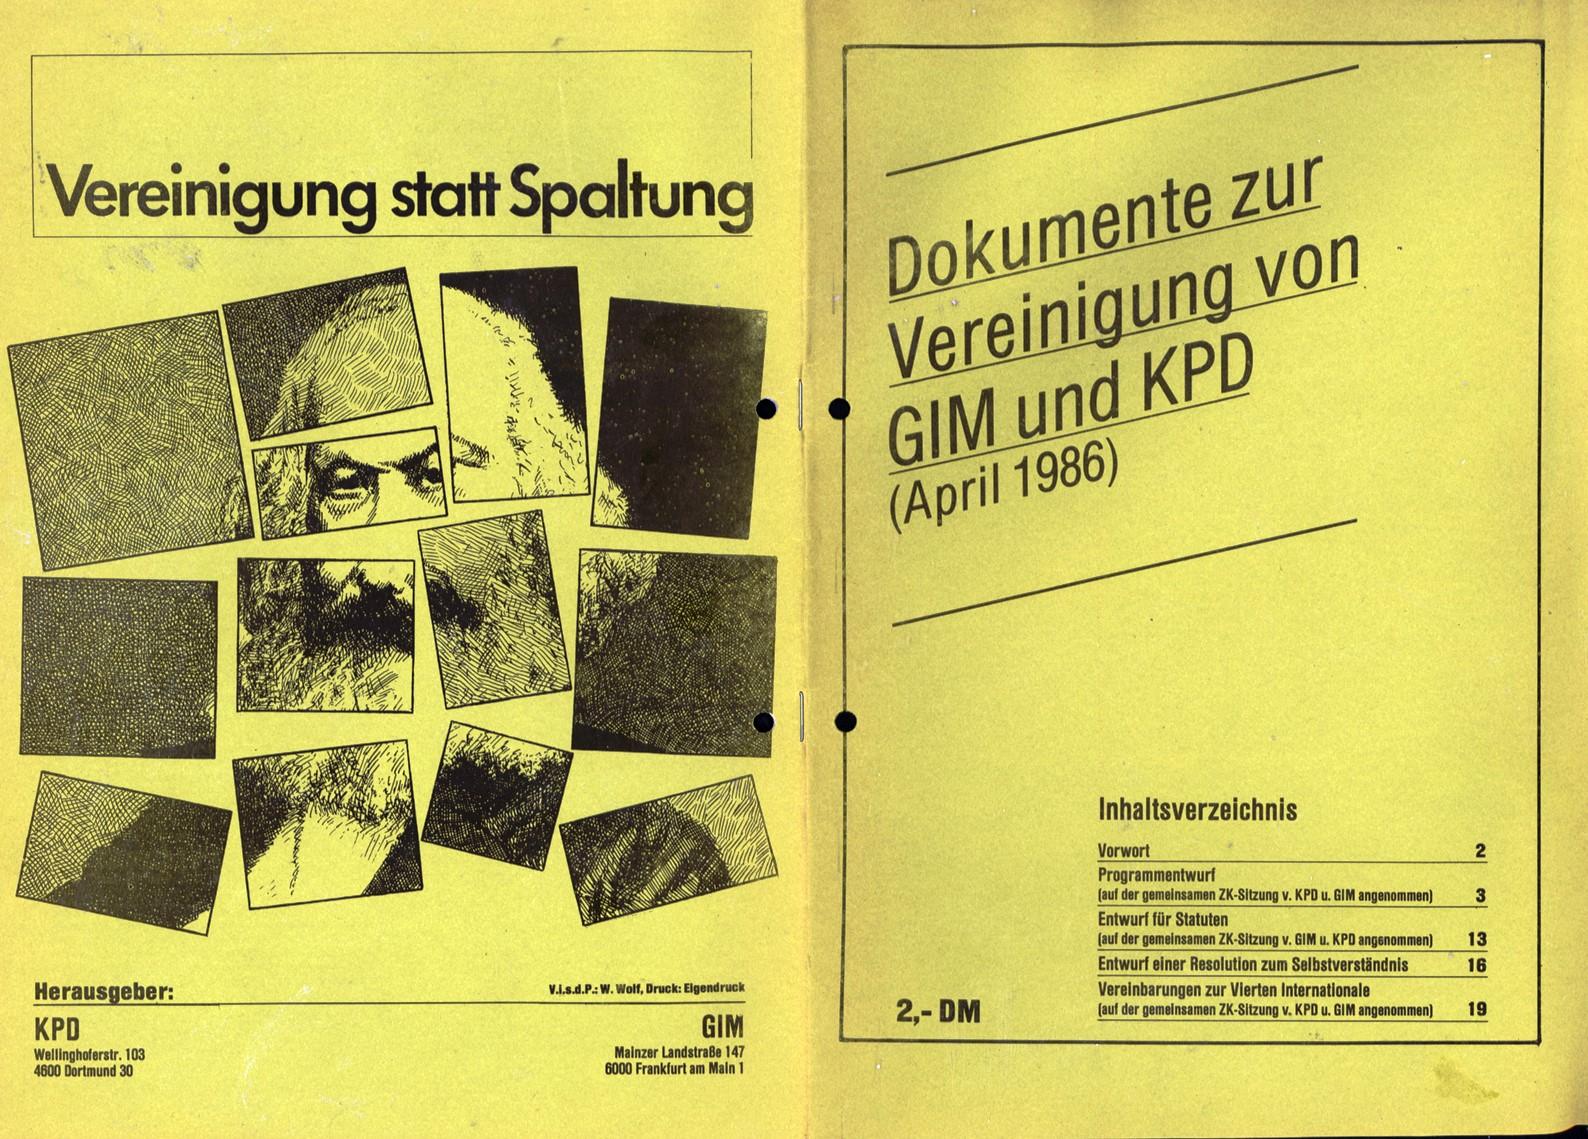 KPDML_GIM_1986_Dokumente_zur_Vereinigung_01